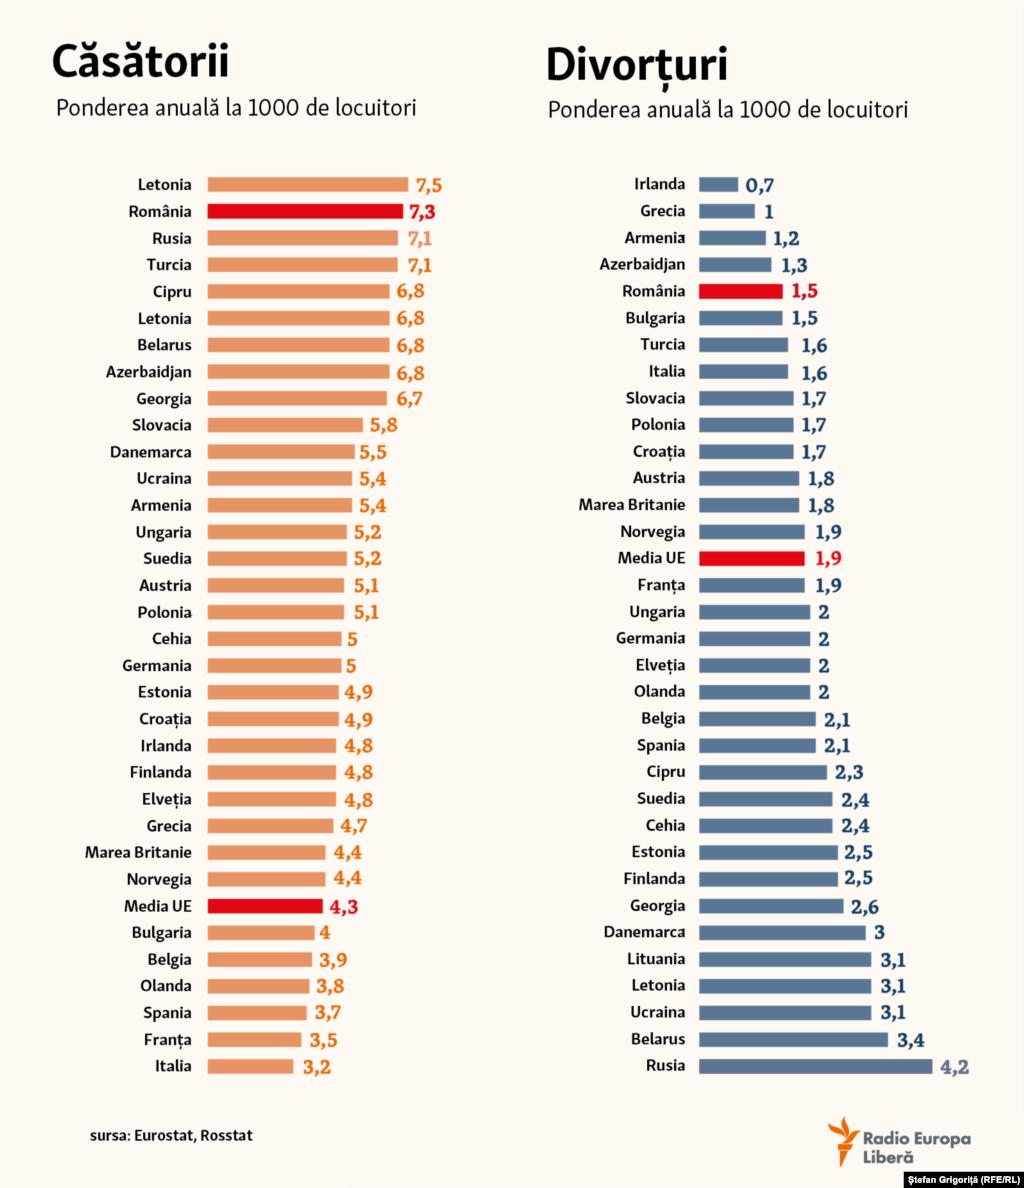 Femeile domină în Europa (+ 24.5 mln.), ONU include în această regiune și Rusia, Ucraina, Belarus și Moldova. Aici, în ultima jumătate de secol, numărul căsătoriilor înregistrate a scăzut aproape de două ori, iar numărul divorțurilor, dimpotrivă, a crescut de 2.5 ori.